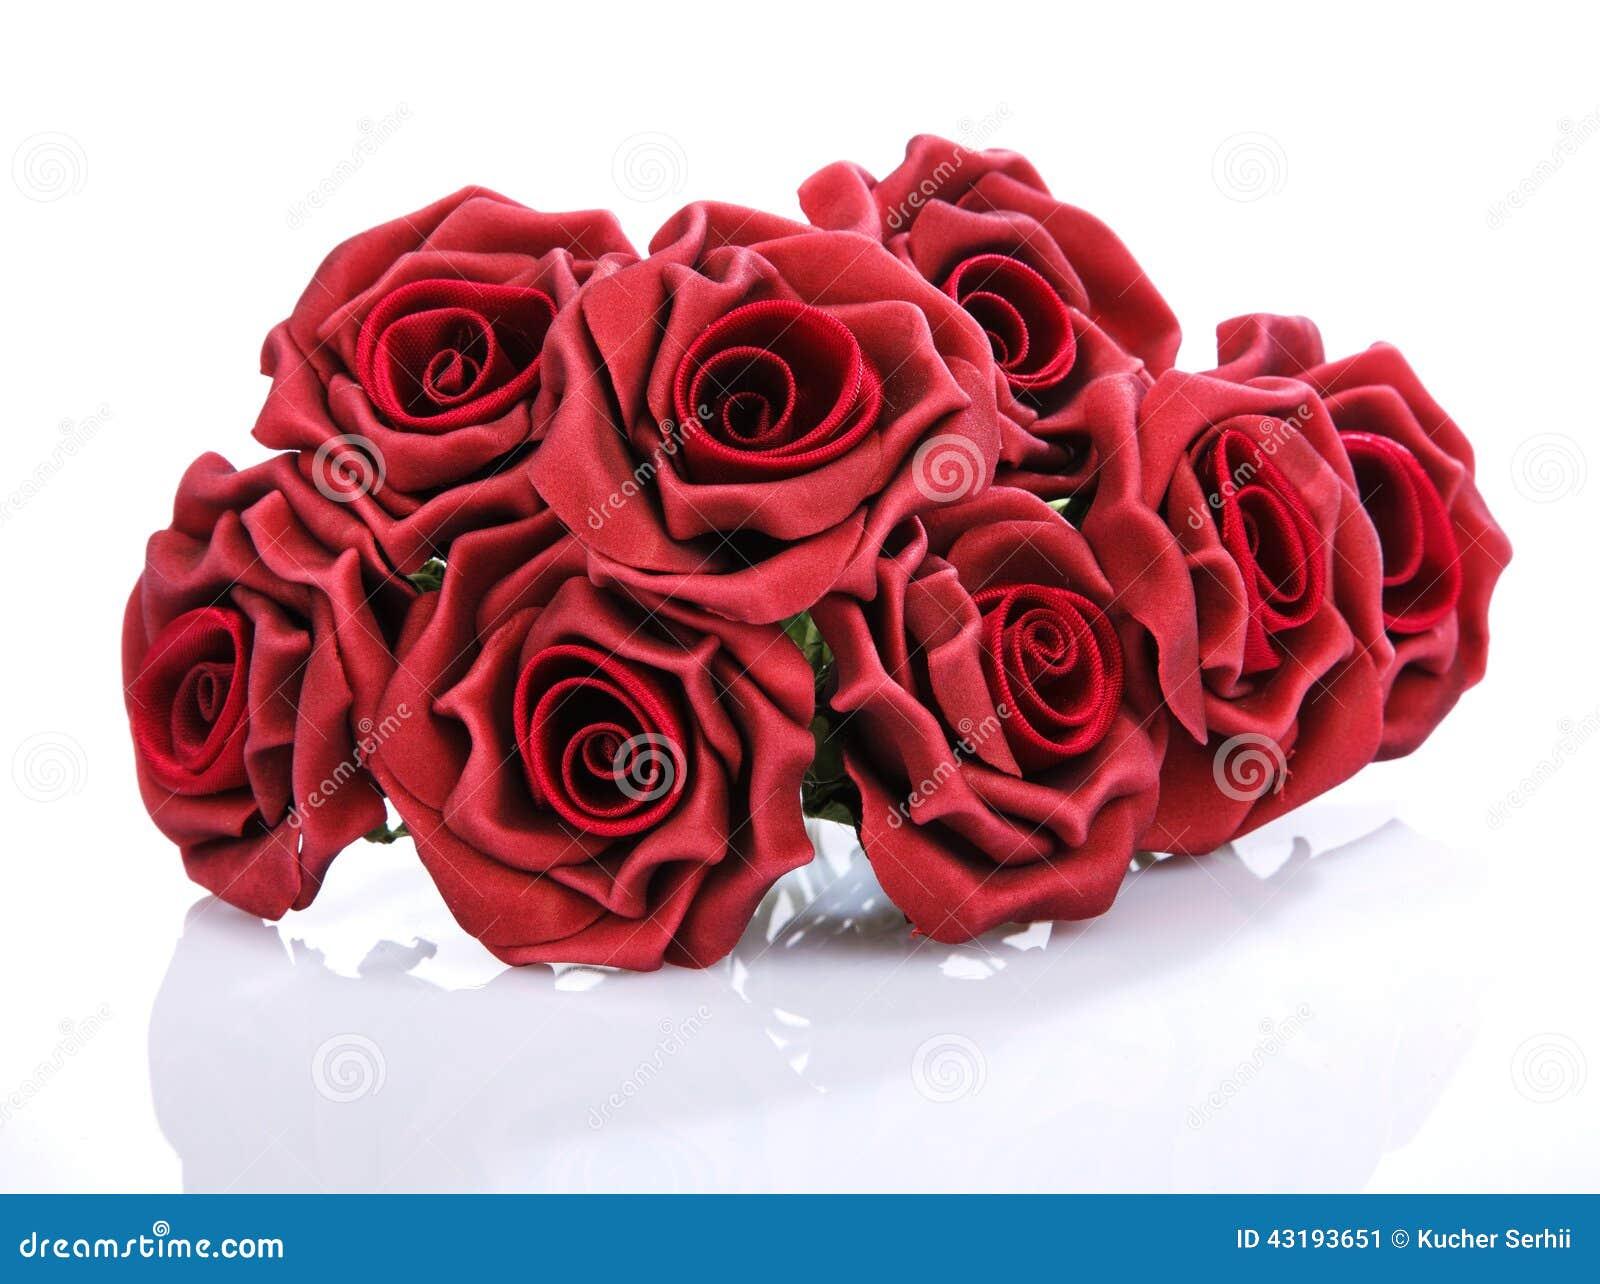 L Blumenstrauss Rote Rosen Auf Einem Weissen Hintergrund Stockbild